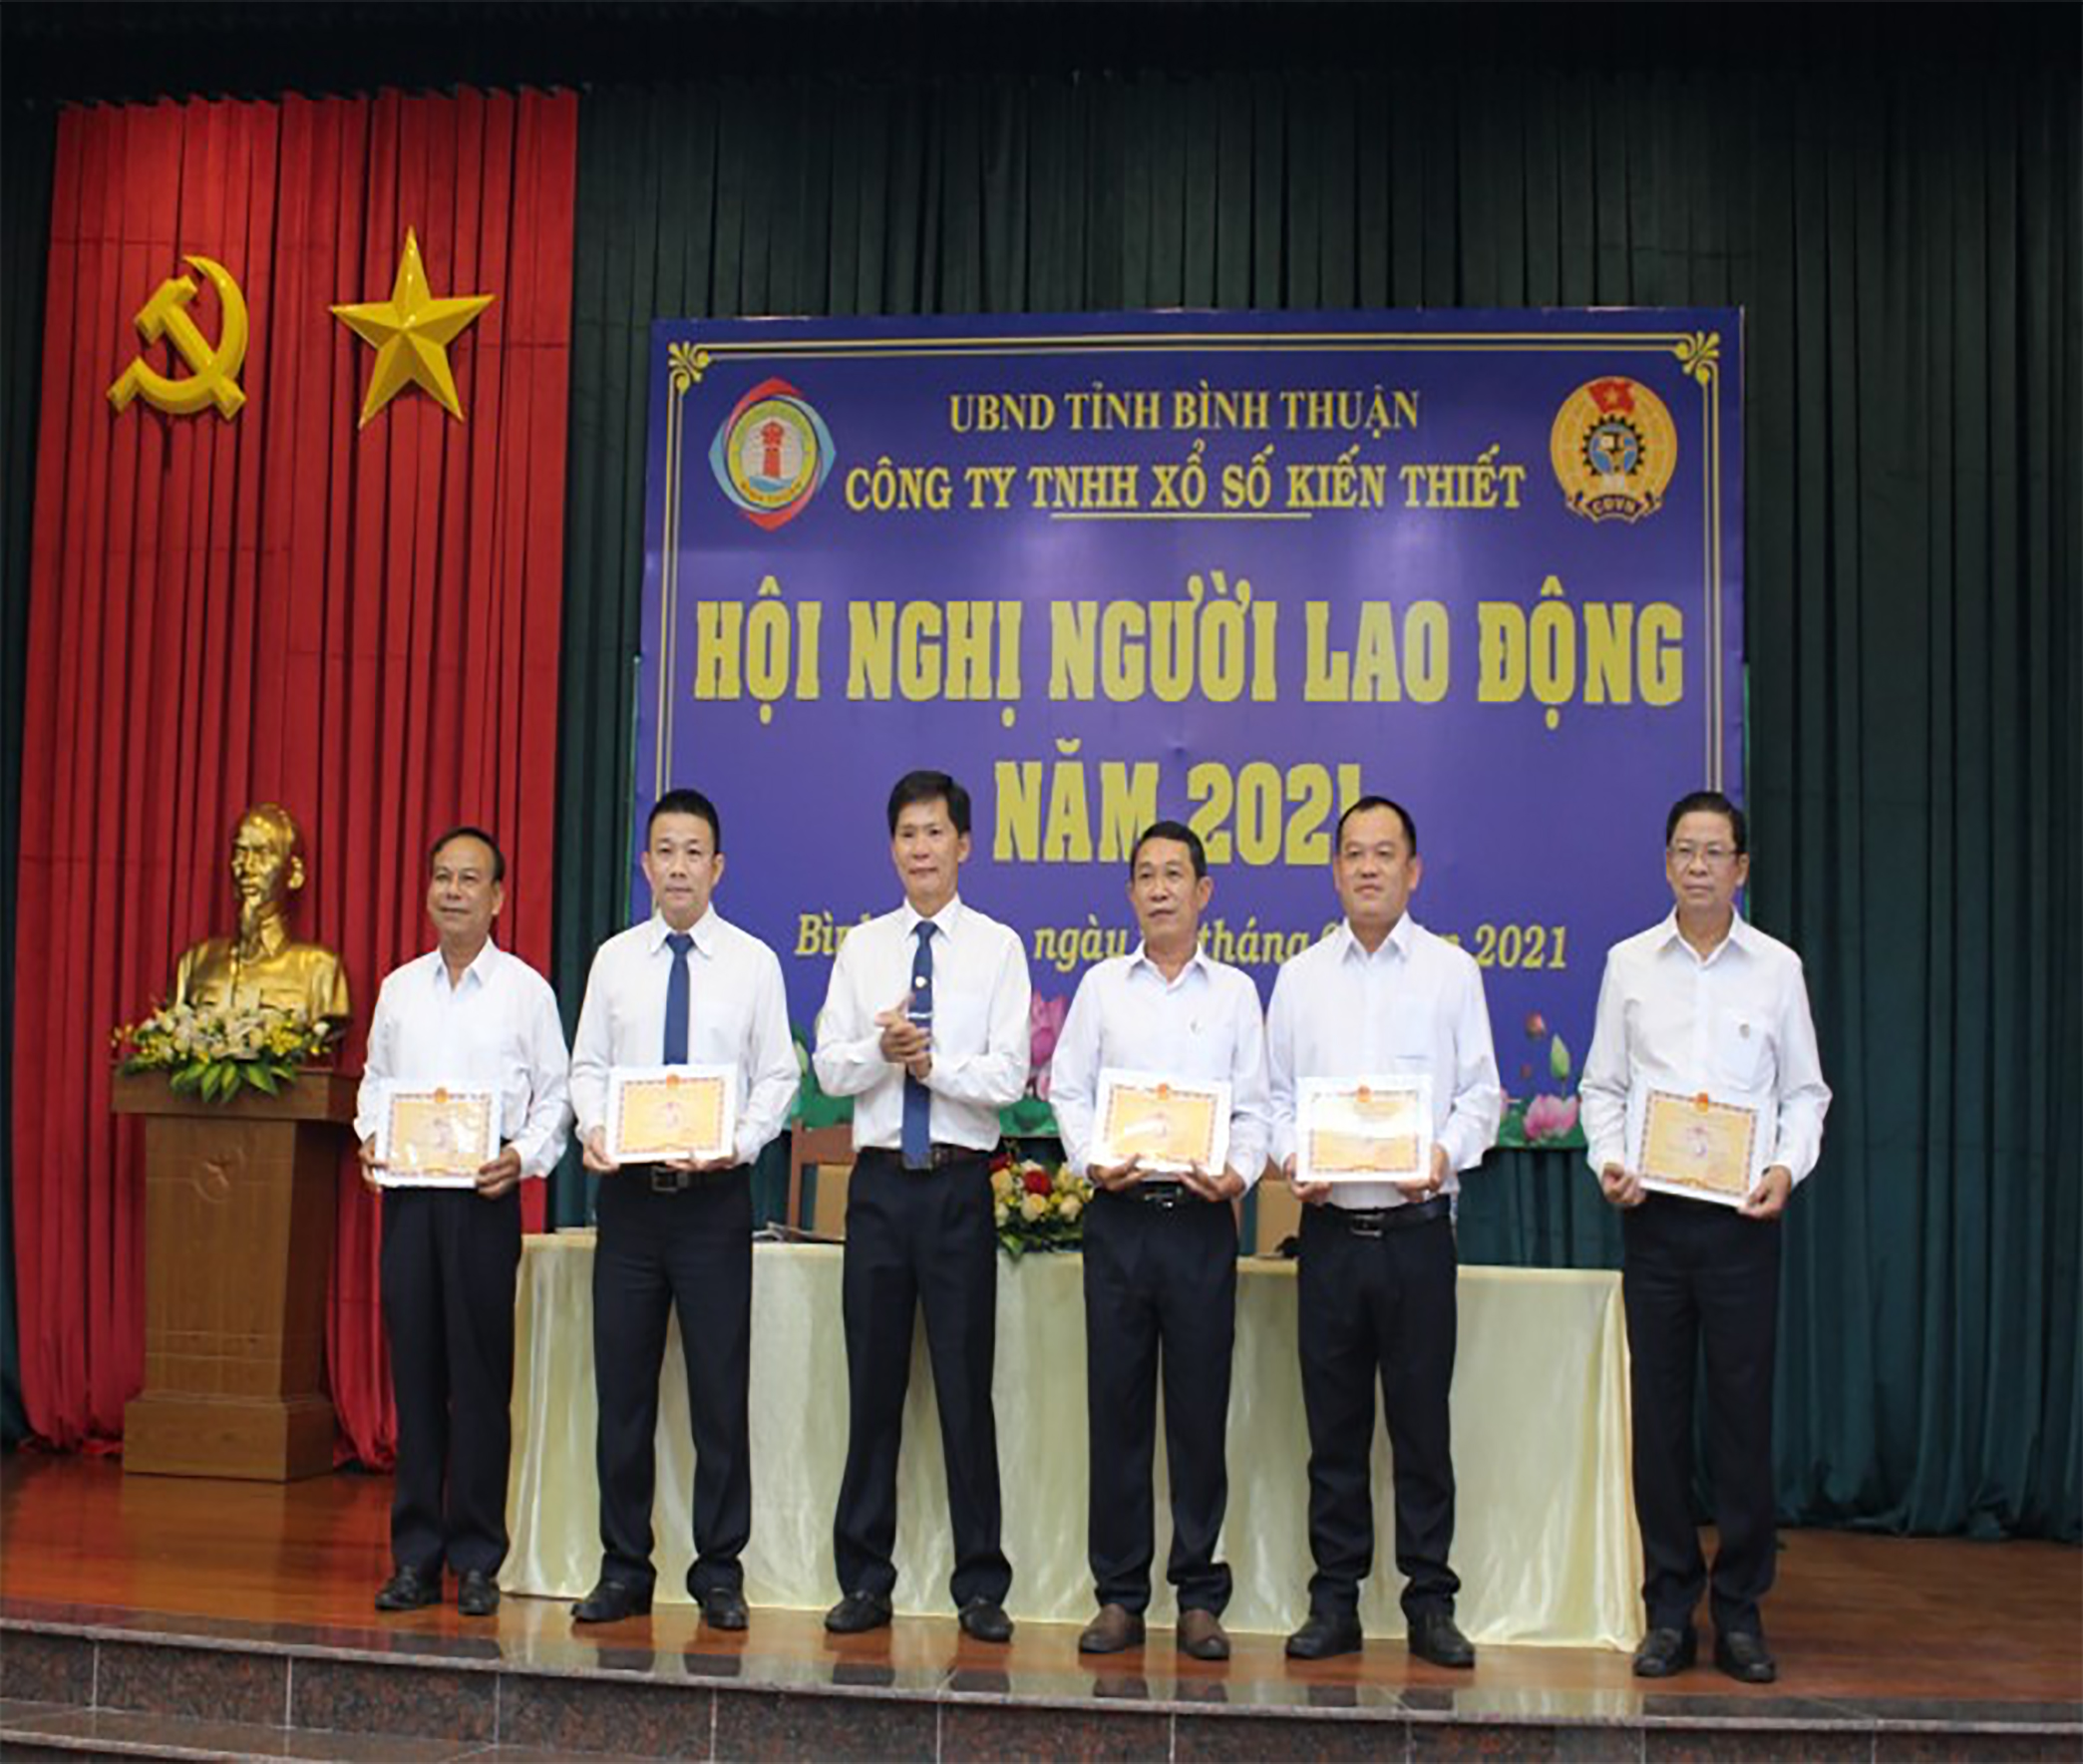 Xổ số kiên thiết Bình Thuận: Phấn đấu tăng tỷ lệ tiêu thụ vé số lên 81%